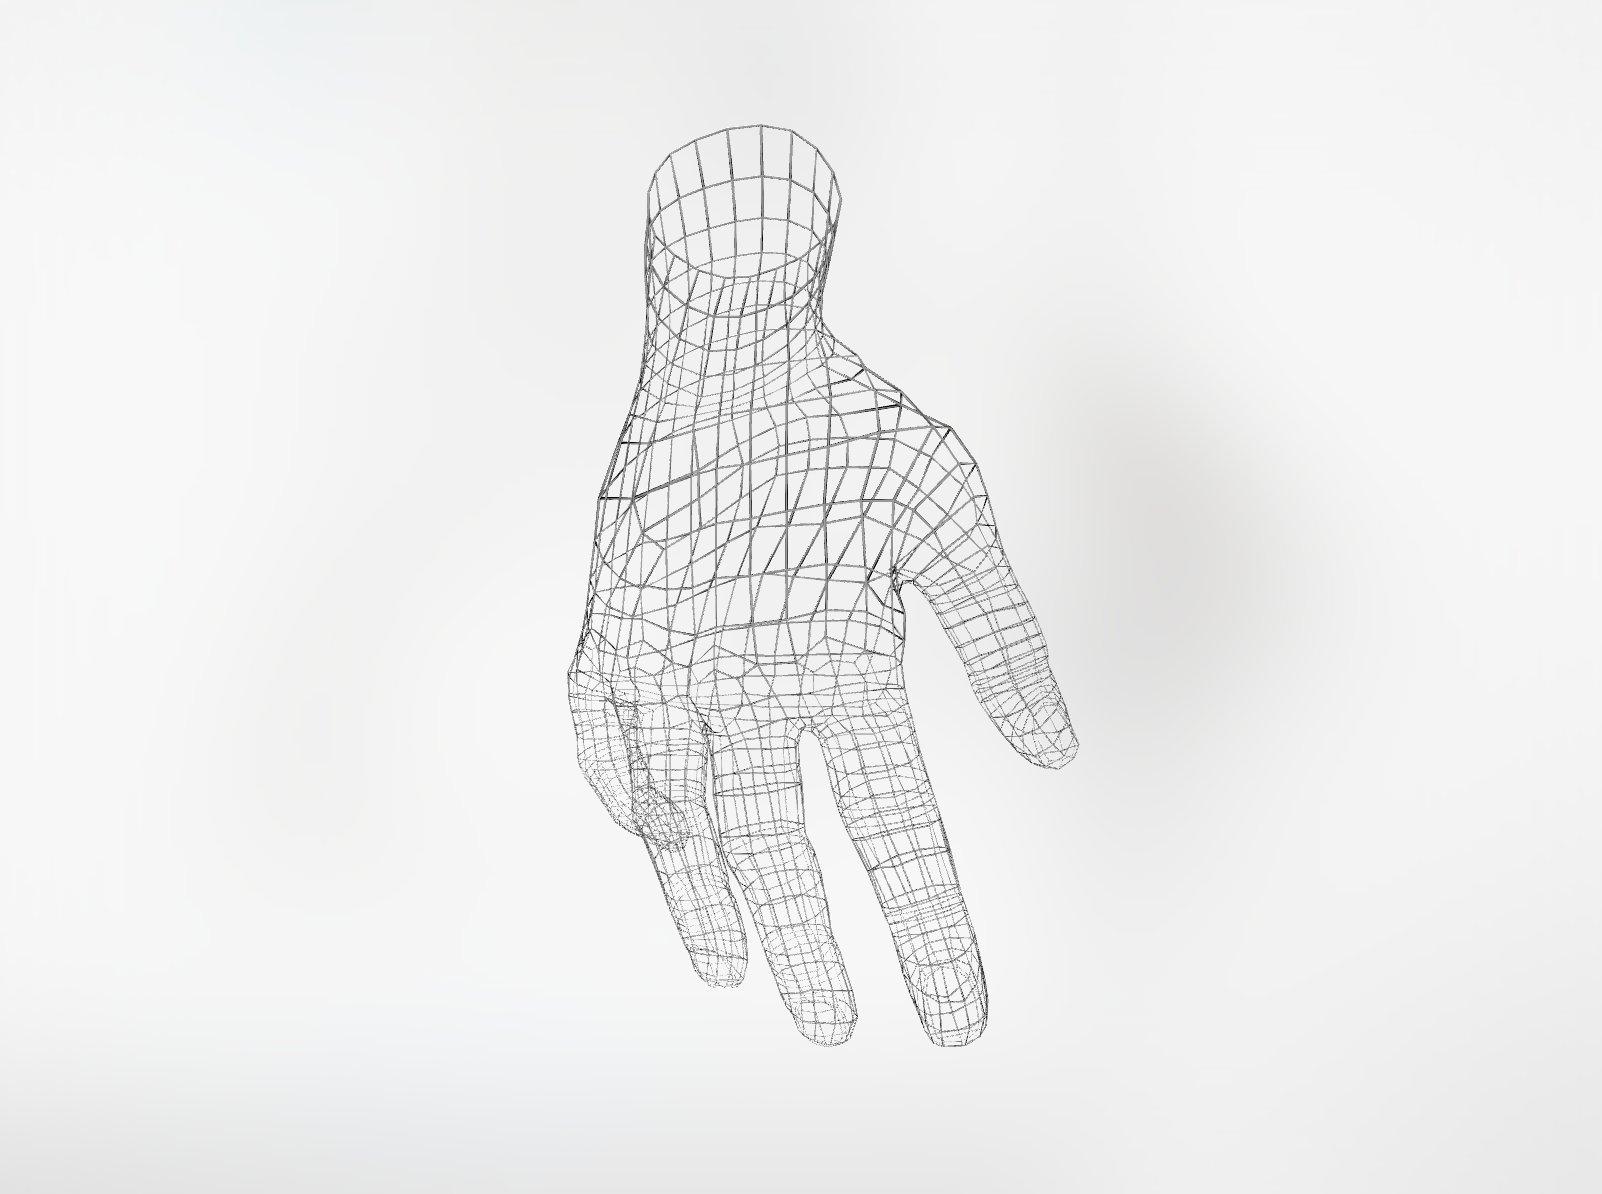 [淘宝购买] 90年代复古派对海报传单人体3D欧普艺术图形设计素材 Old 90s Rave Flyers插图(7)